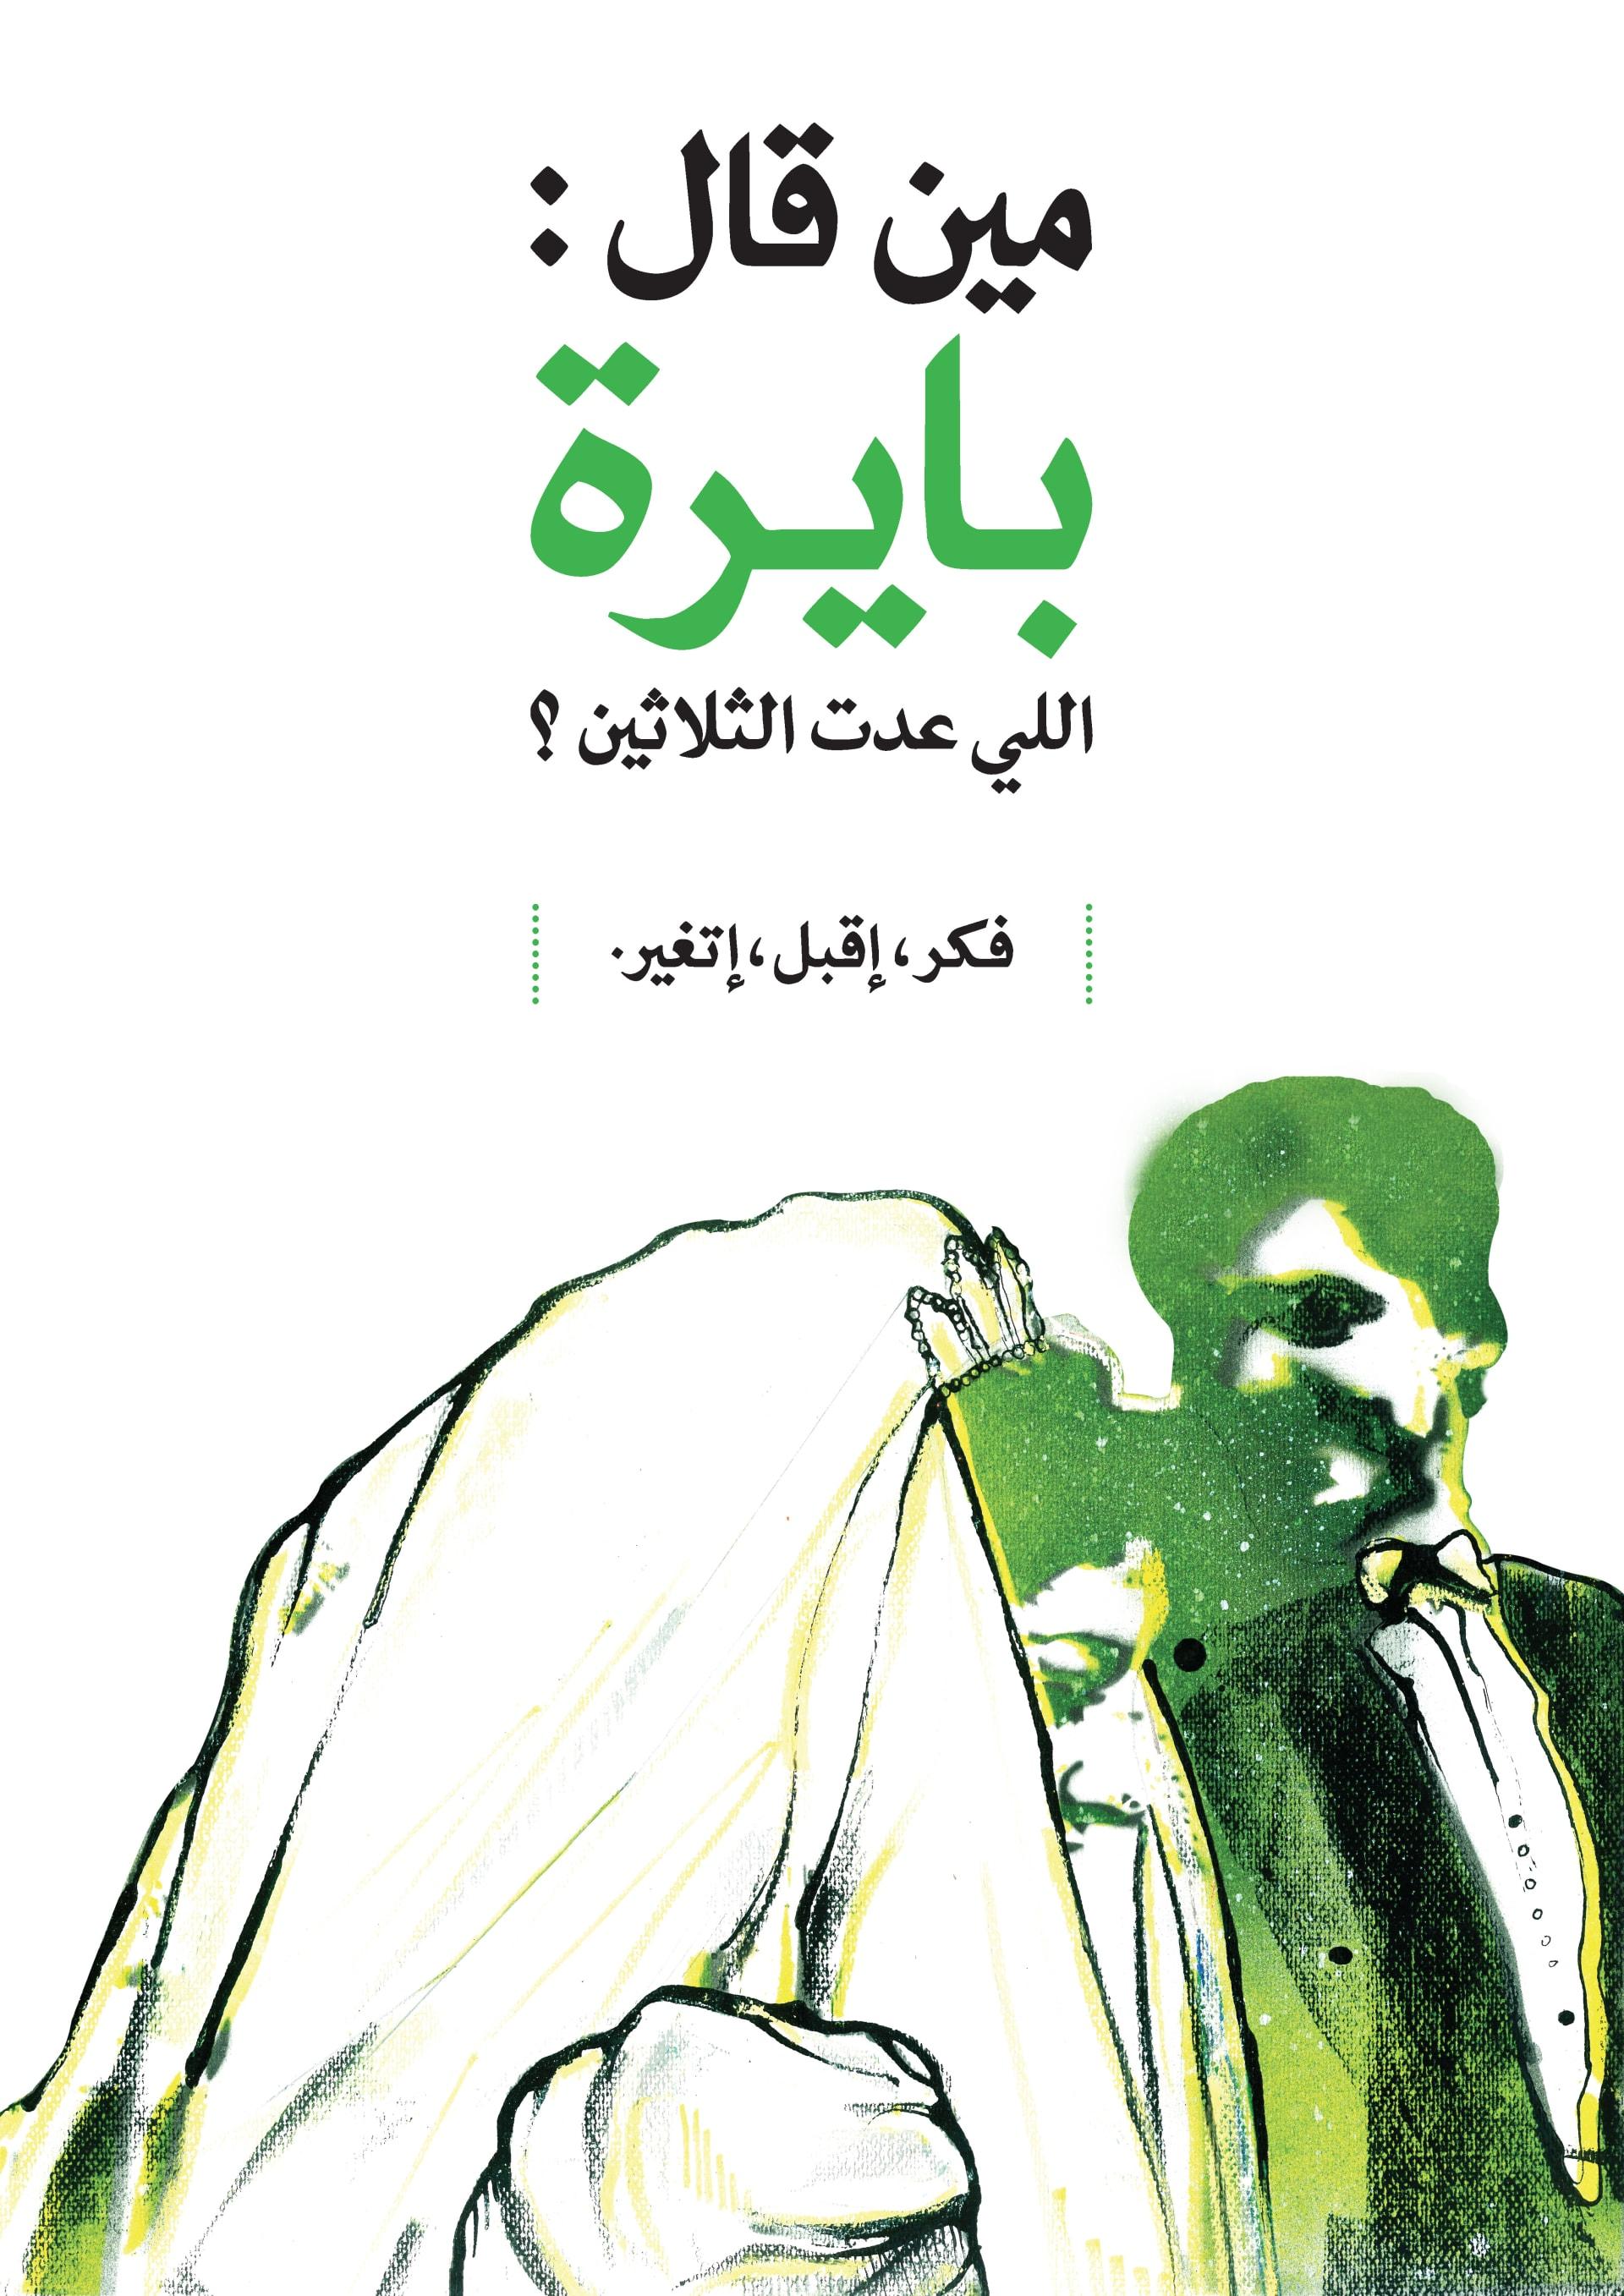 """""""سافلة اللي تضحك بصوت عالي"""".. كيف تتحدى هذه المصرية اعتقادات كهذه؟"""